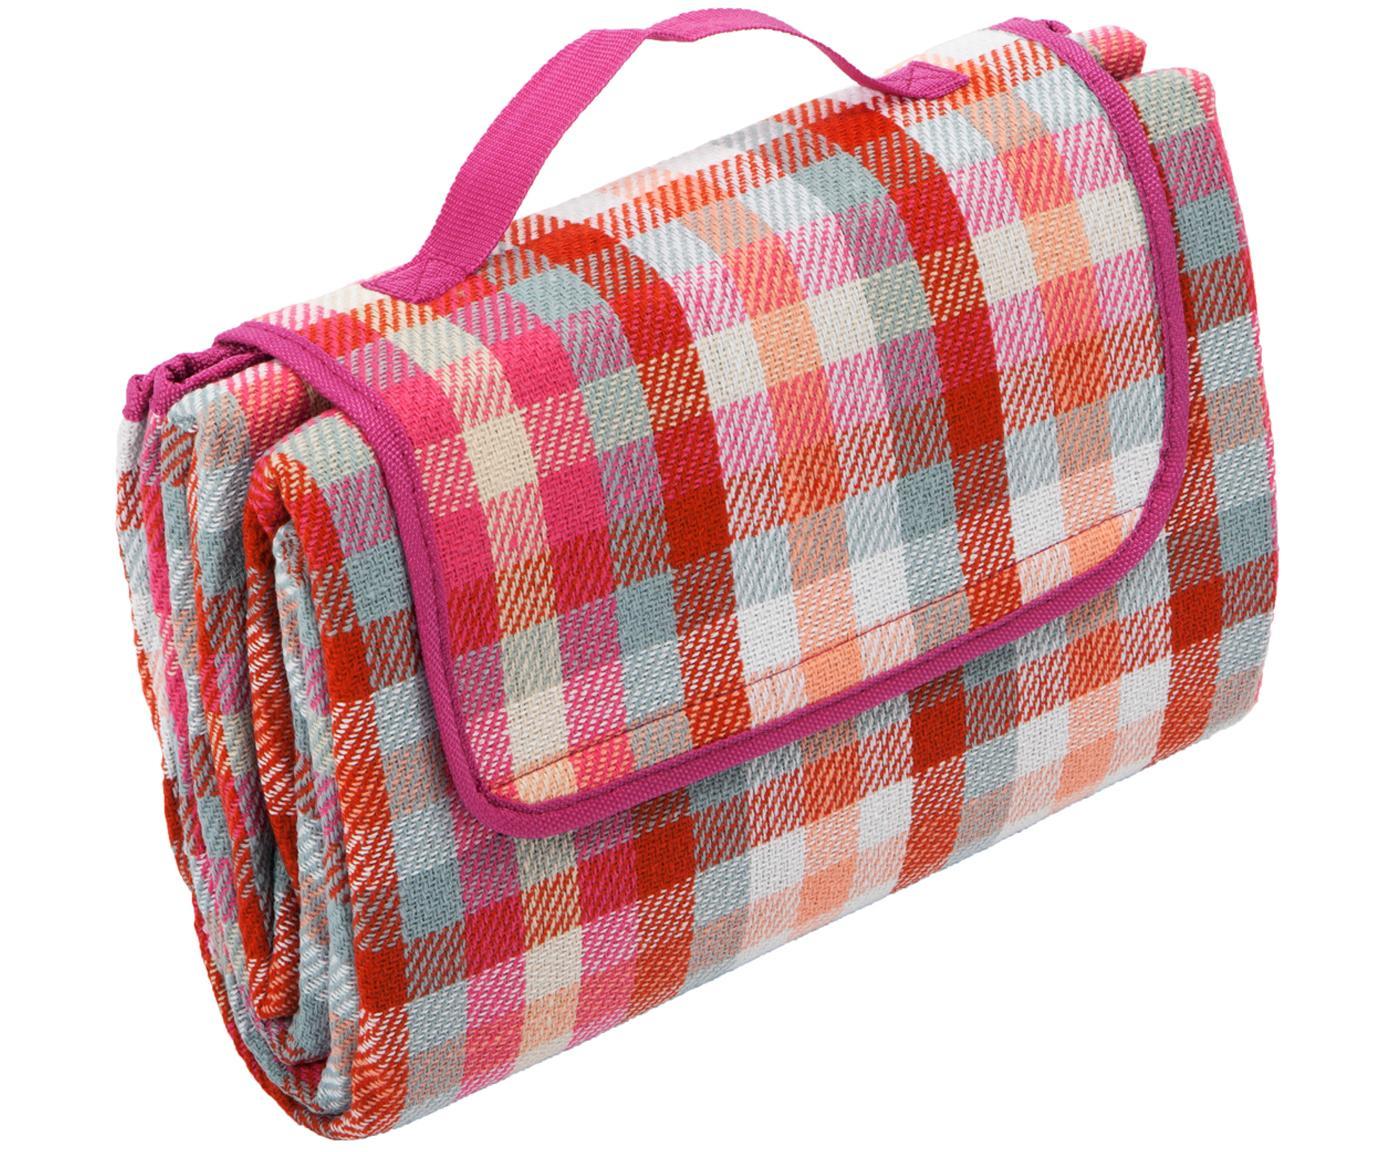 Picknick-Decke Clear, Vorderseite: Kunstfaser, Rückseite: Kunststoff, Rot, Weiß, Pink, Mint, Pfirsichfarben, 130 x 170 cm